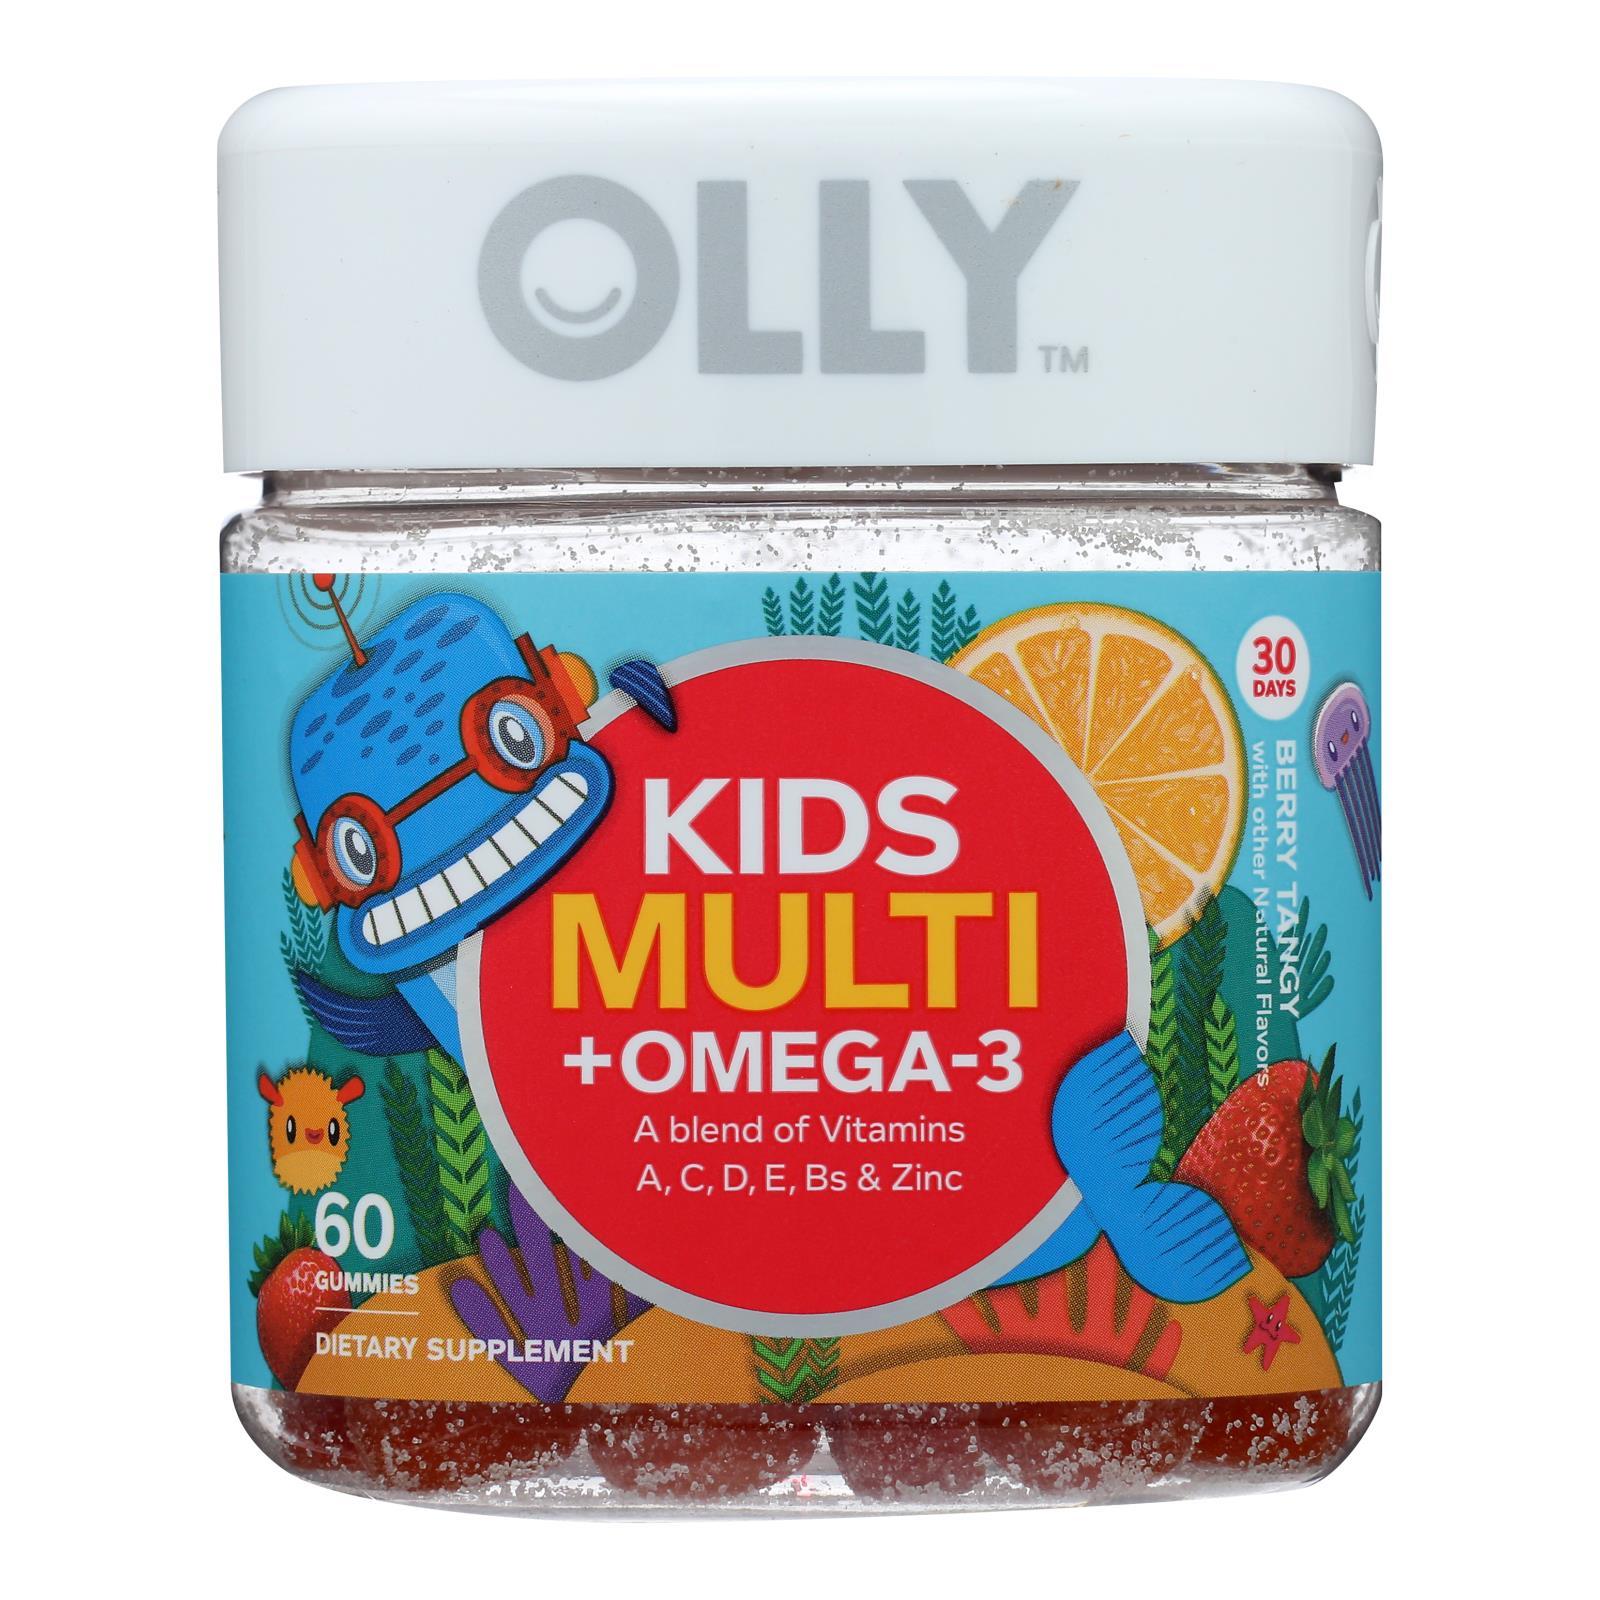 Olly - Multivit Plus Omega Kid - 1 Each - 60 CT